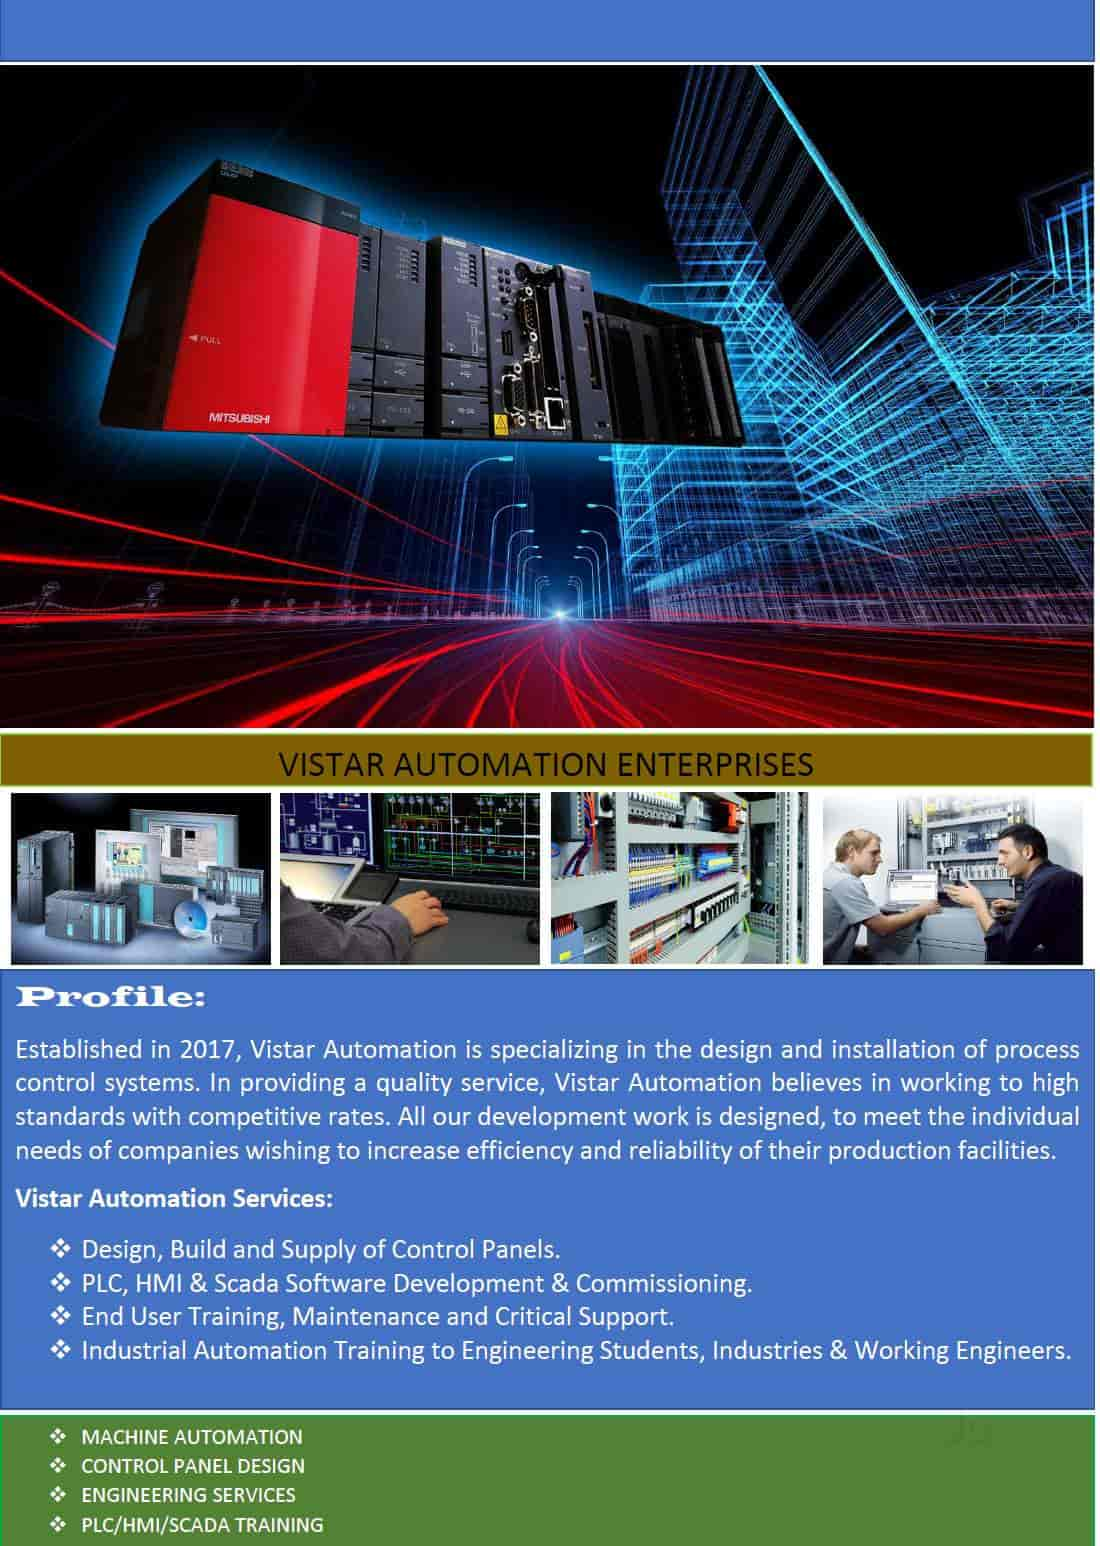 Vistar Automation Enterprises, Dombivli West - Machine